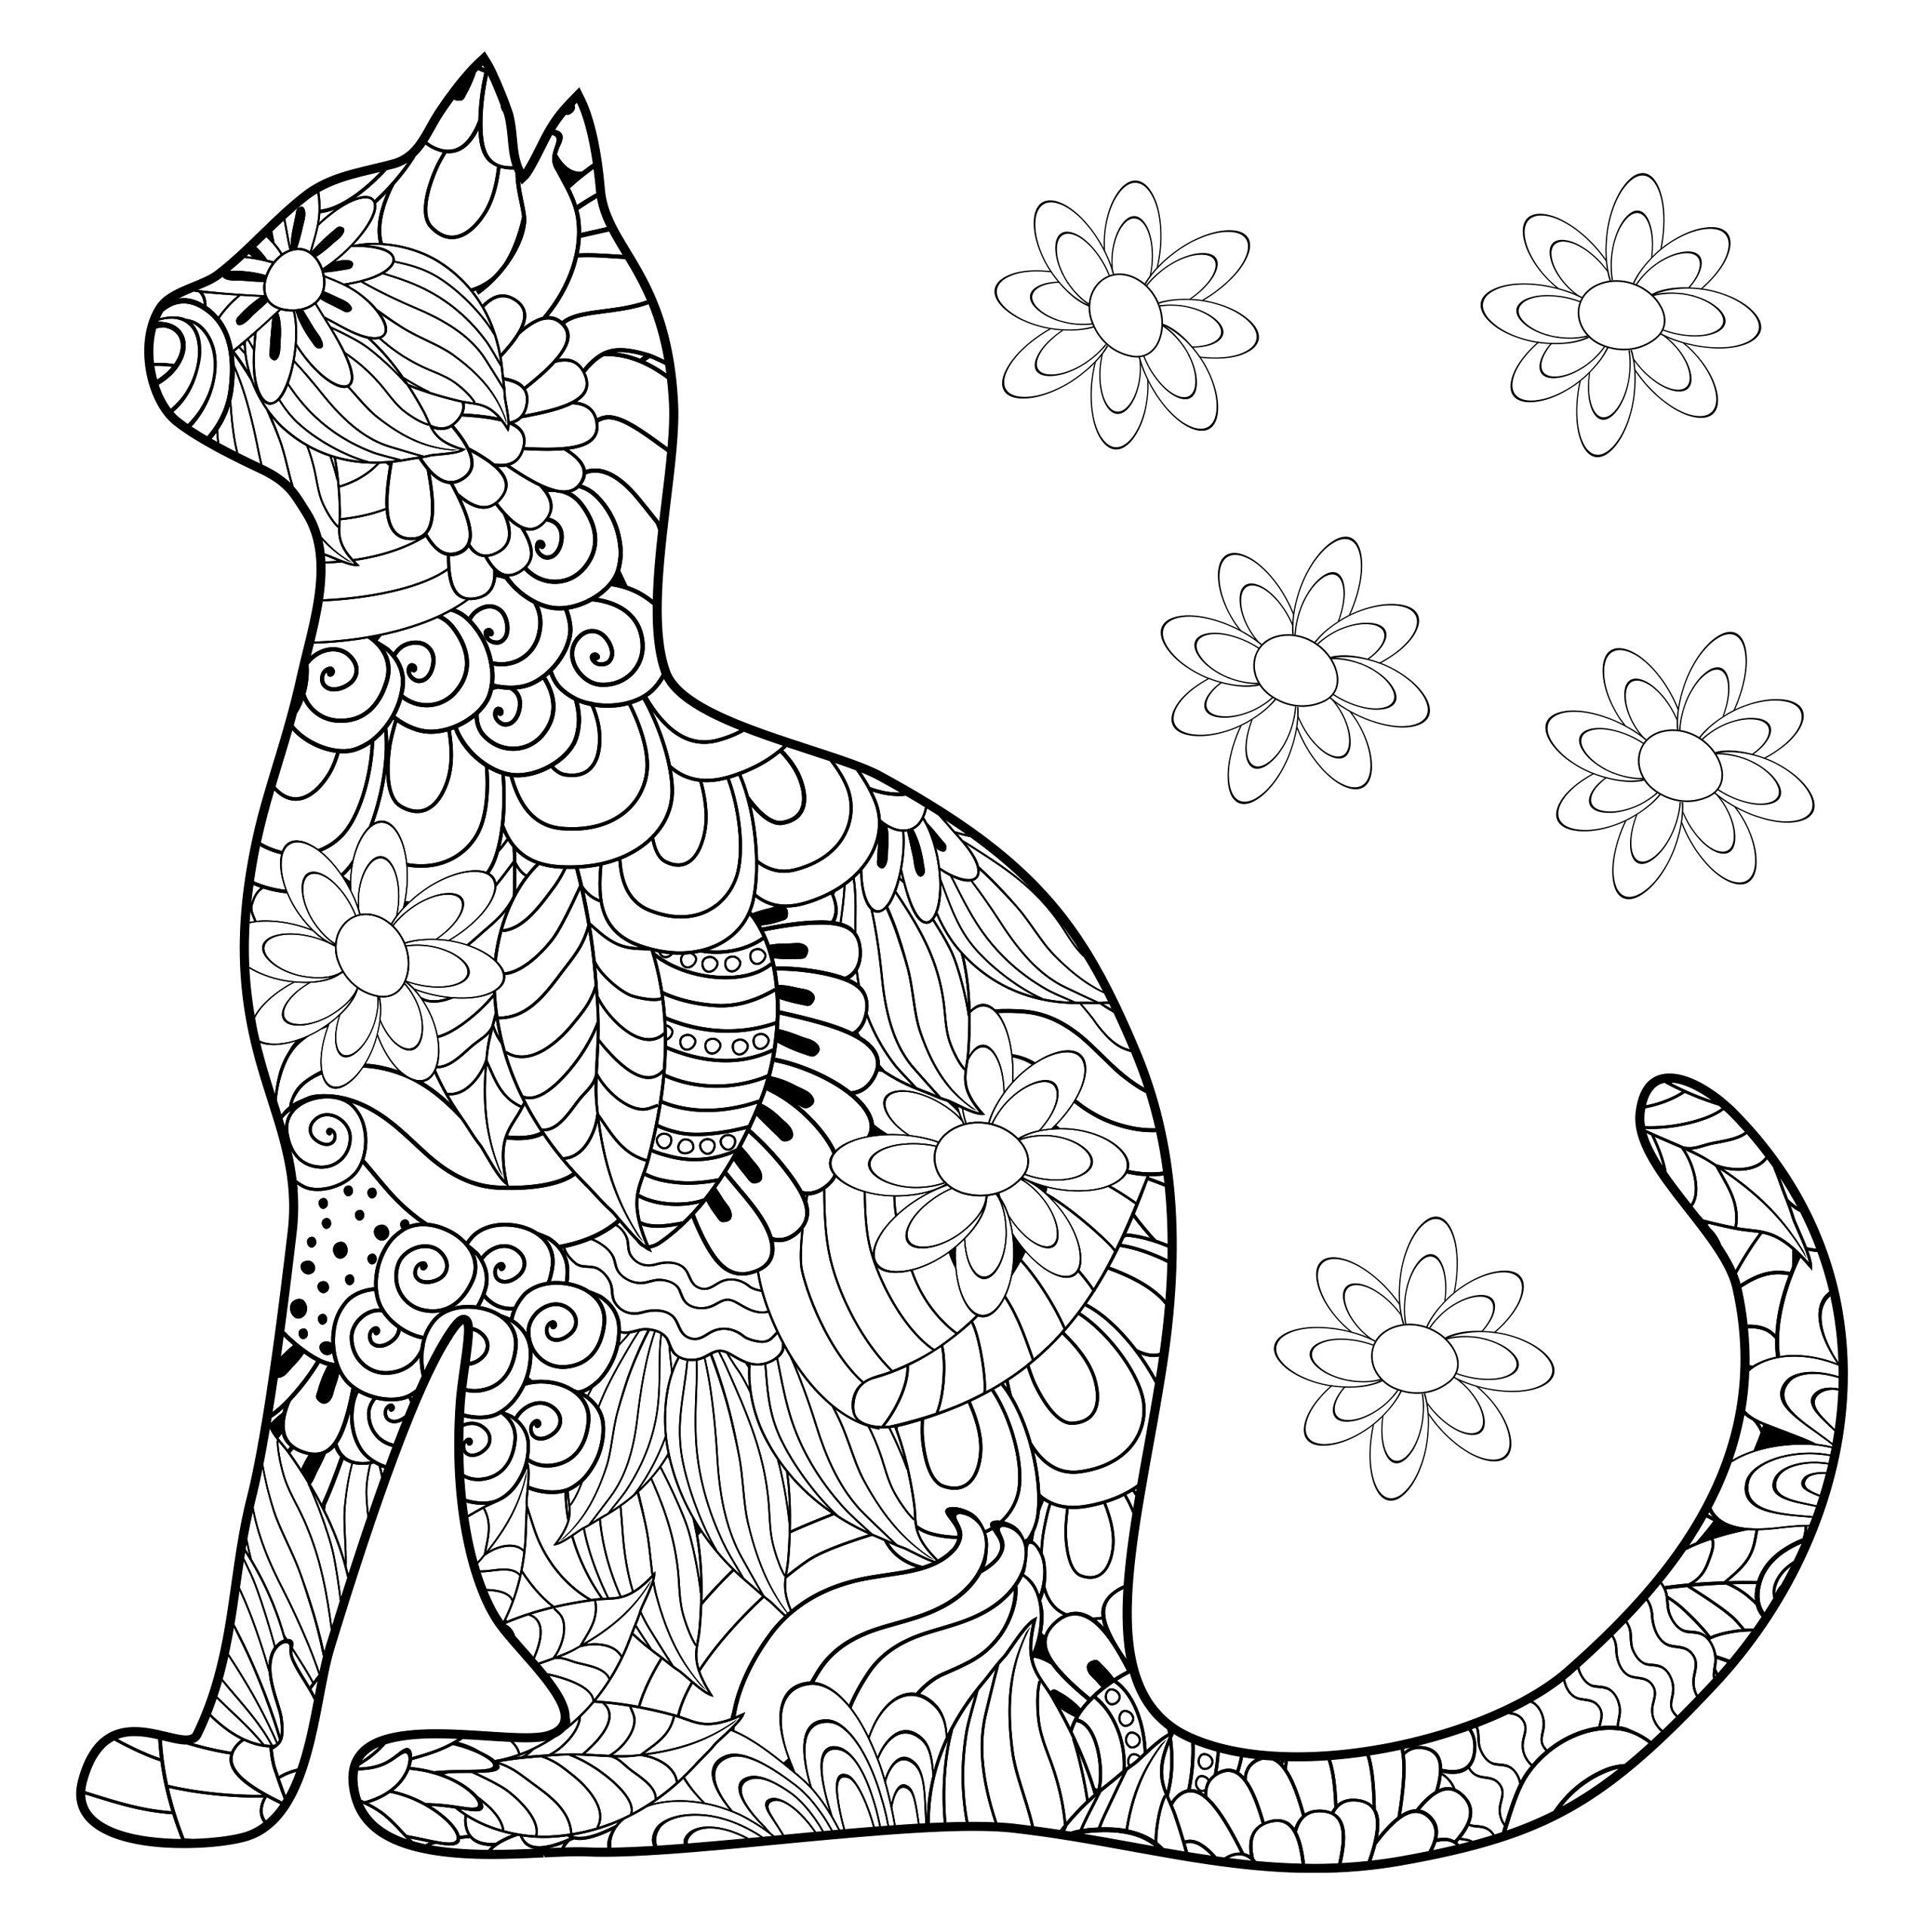 Раскраски антистресс «Силуэт кошки», чтобы распечатать и раскрасить онлайн